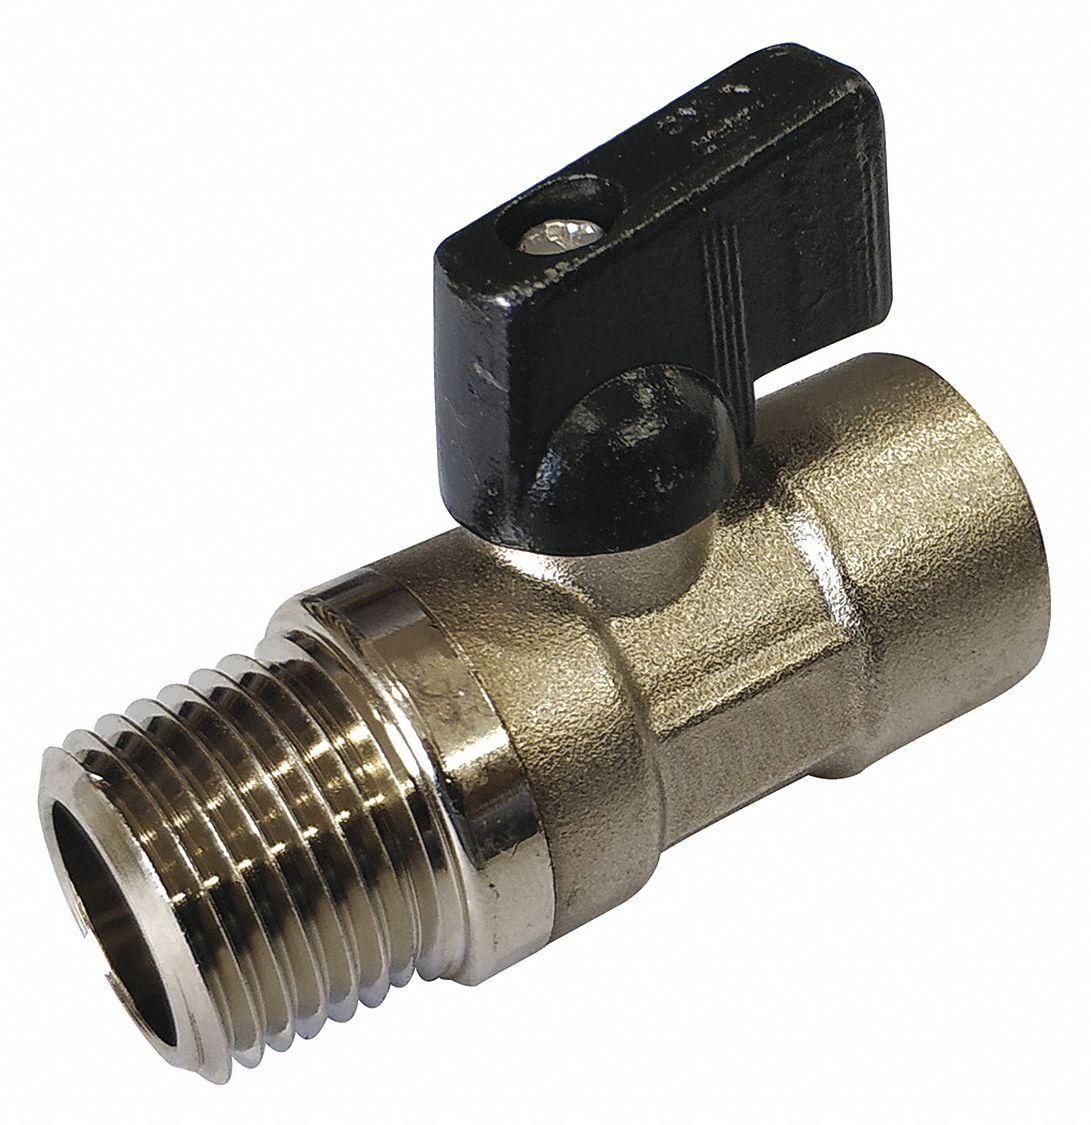 FNPT x MNPT Standard Port 1//2 Brass Ball Valve Mini Inline Item 1PZB5 GRAINGER